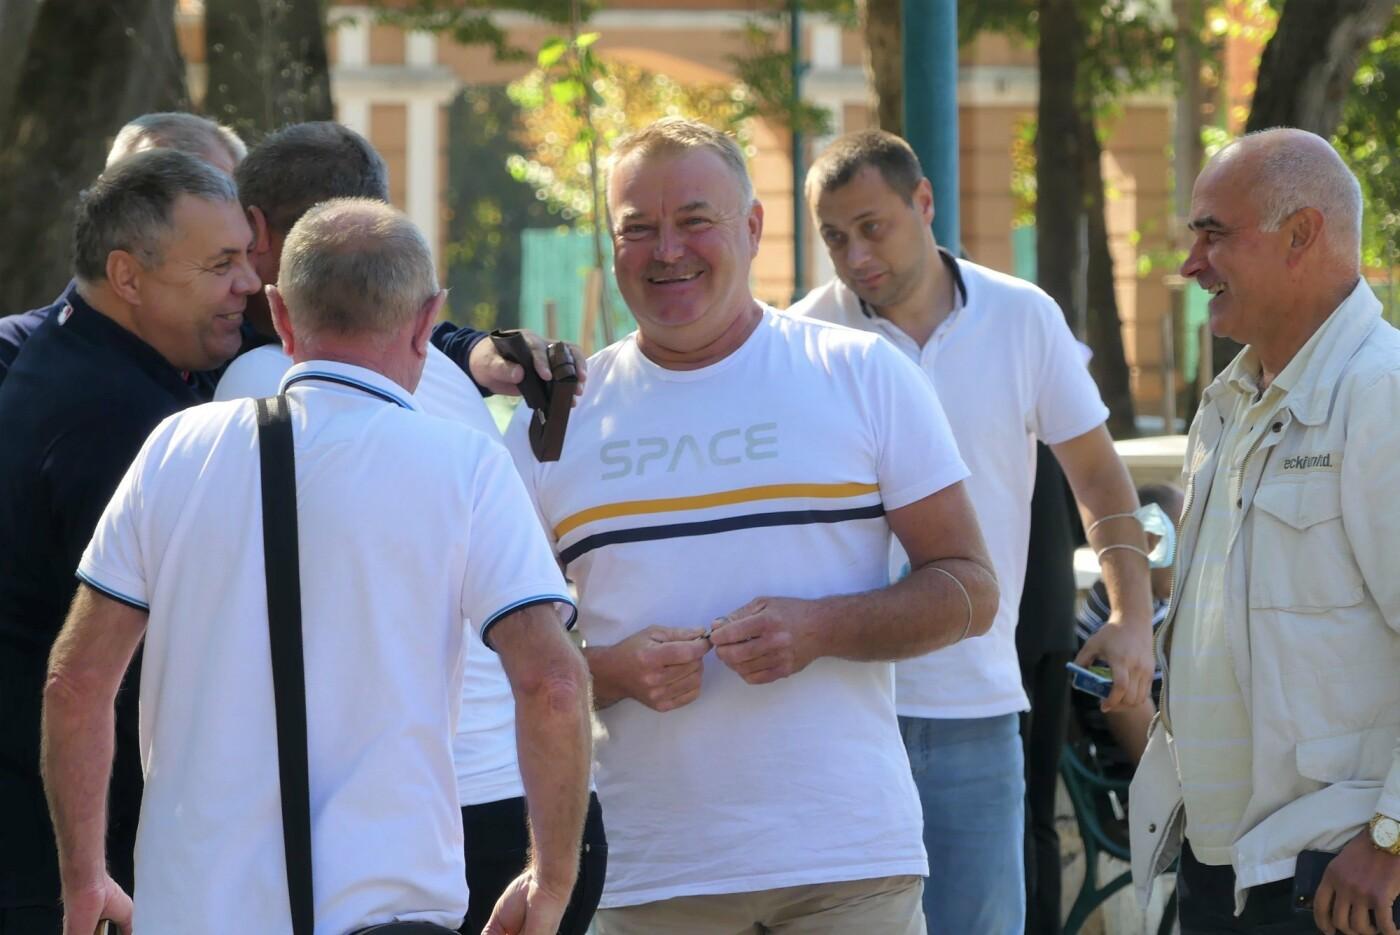 У Кам'янці-Подільському святкували спортивний день, фото-2, Фото: Кам'янець-Подільська міська рада